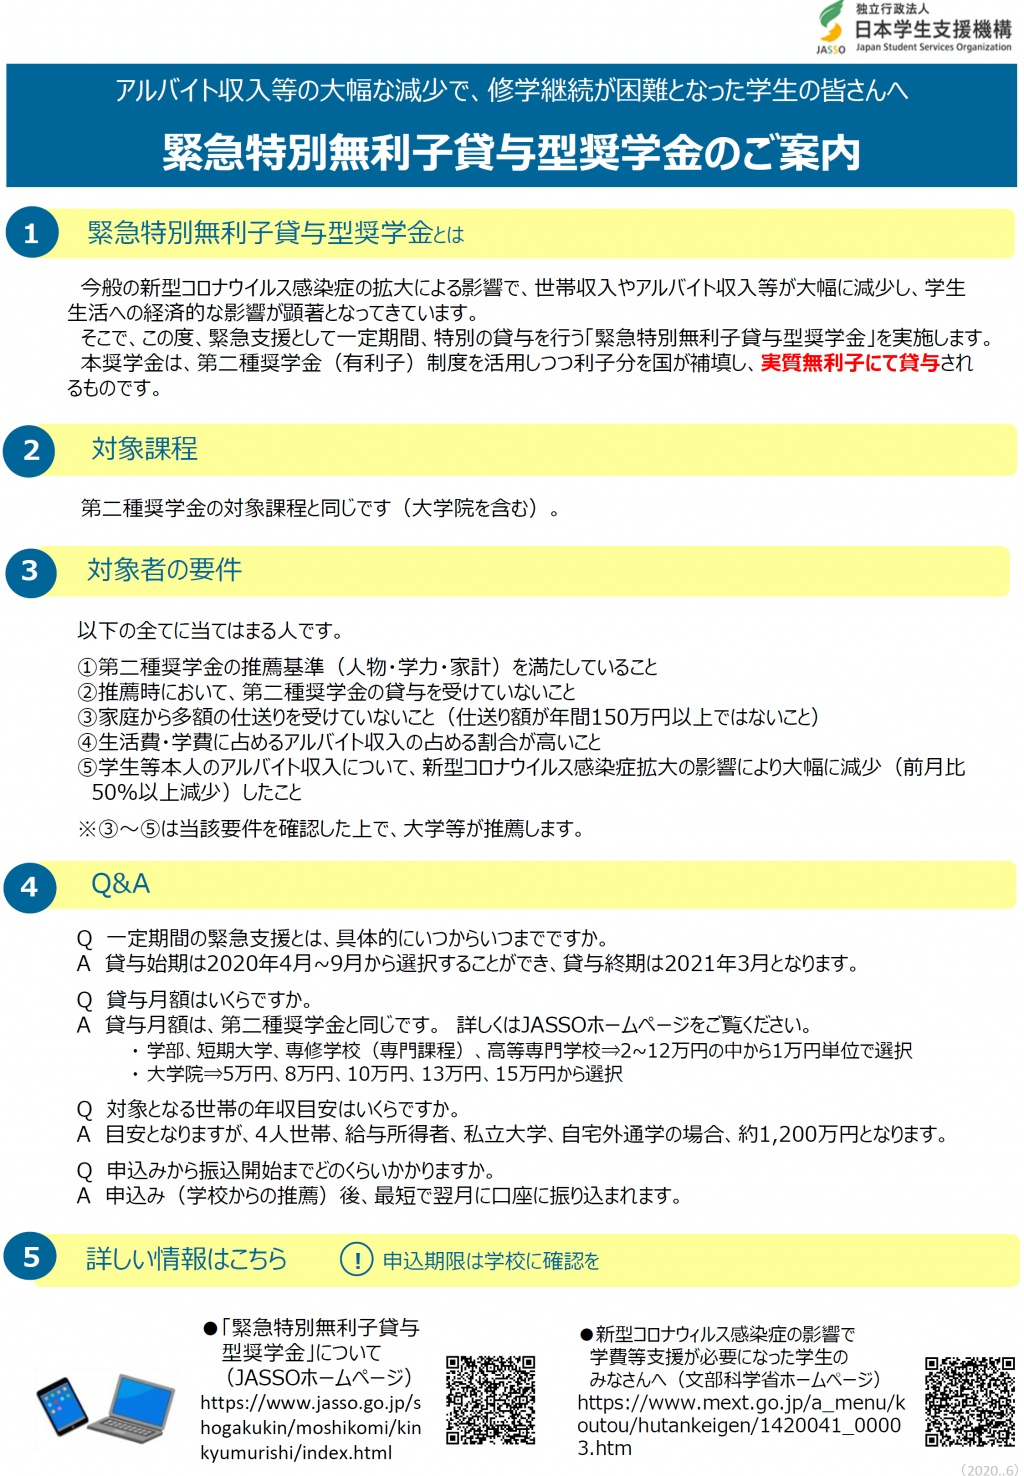 支援 相談 奨学 学生 センター 機構 日本 金